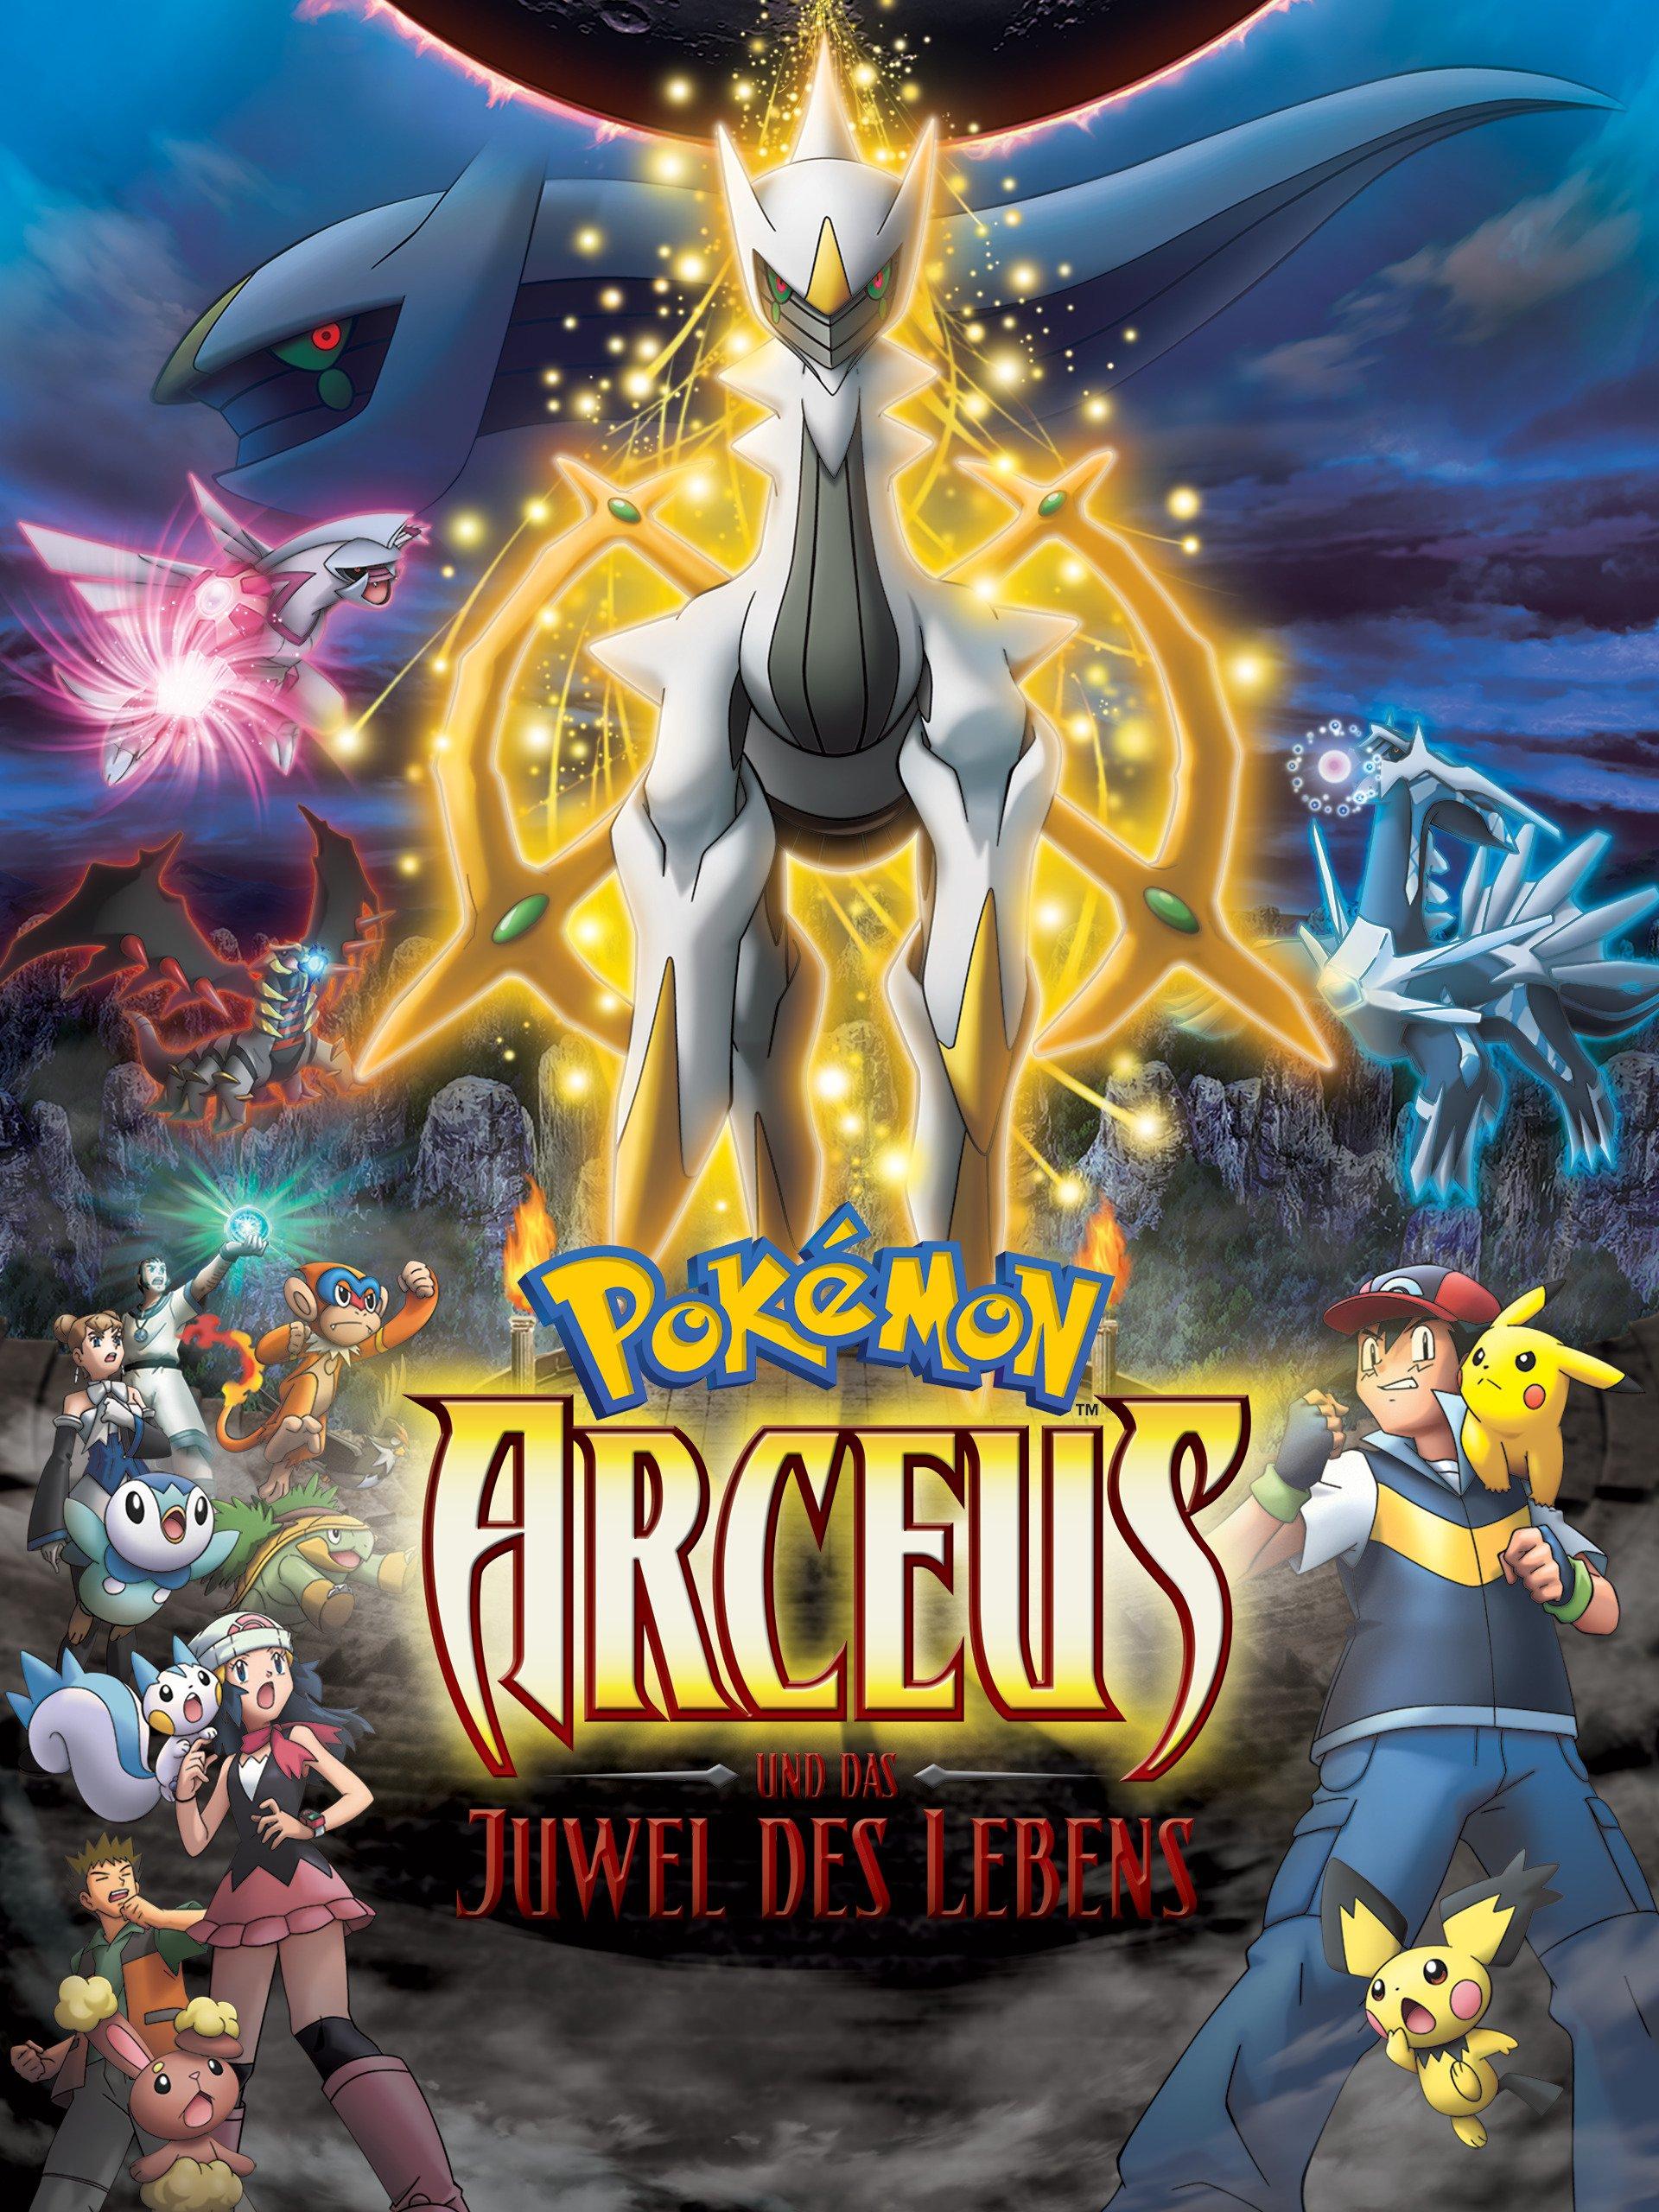 Amazon.de: Pokémon: Arceus und das Juwel des Lebens ansehen